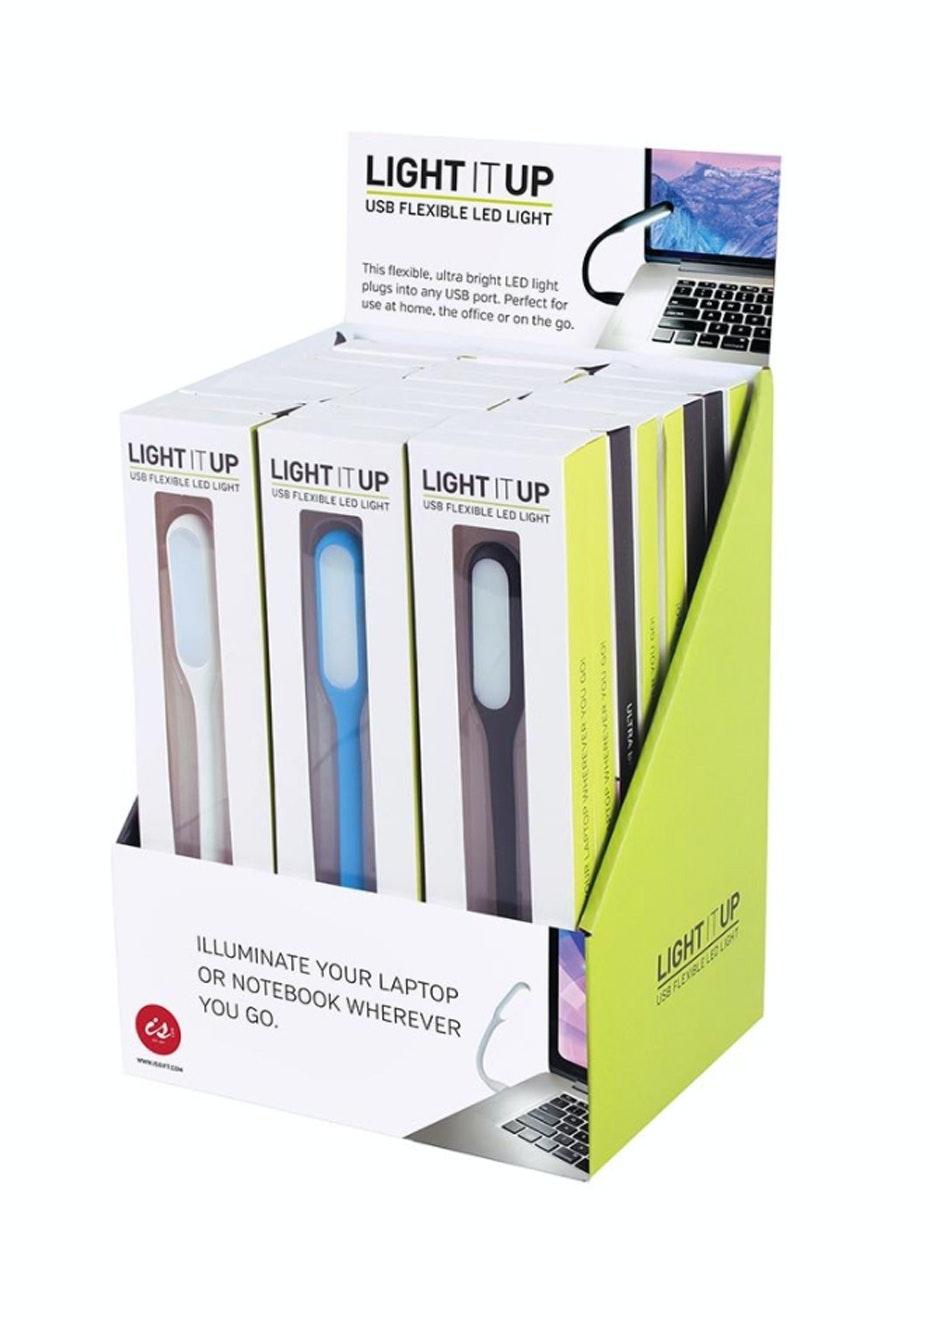 Light It Up - USB Flexible LED Light - White